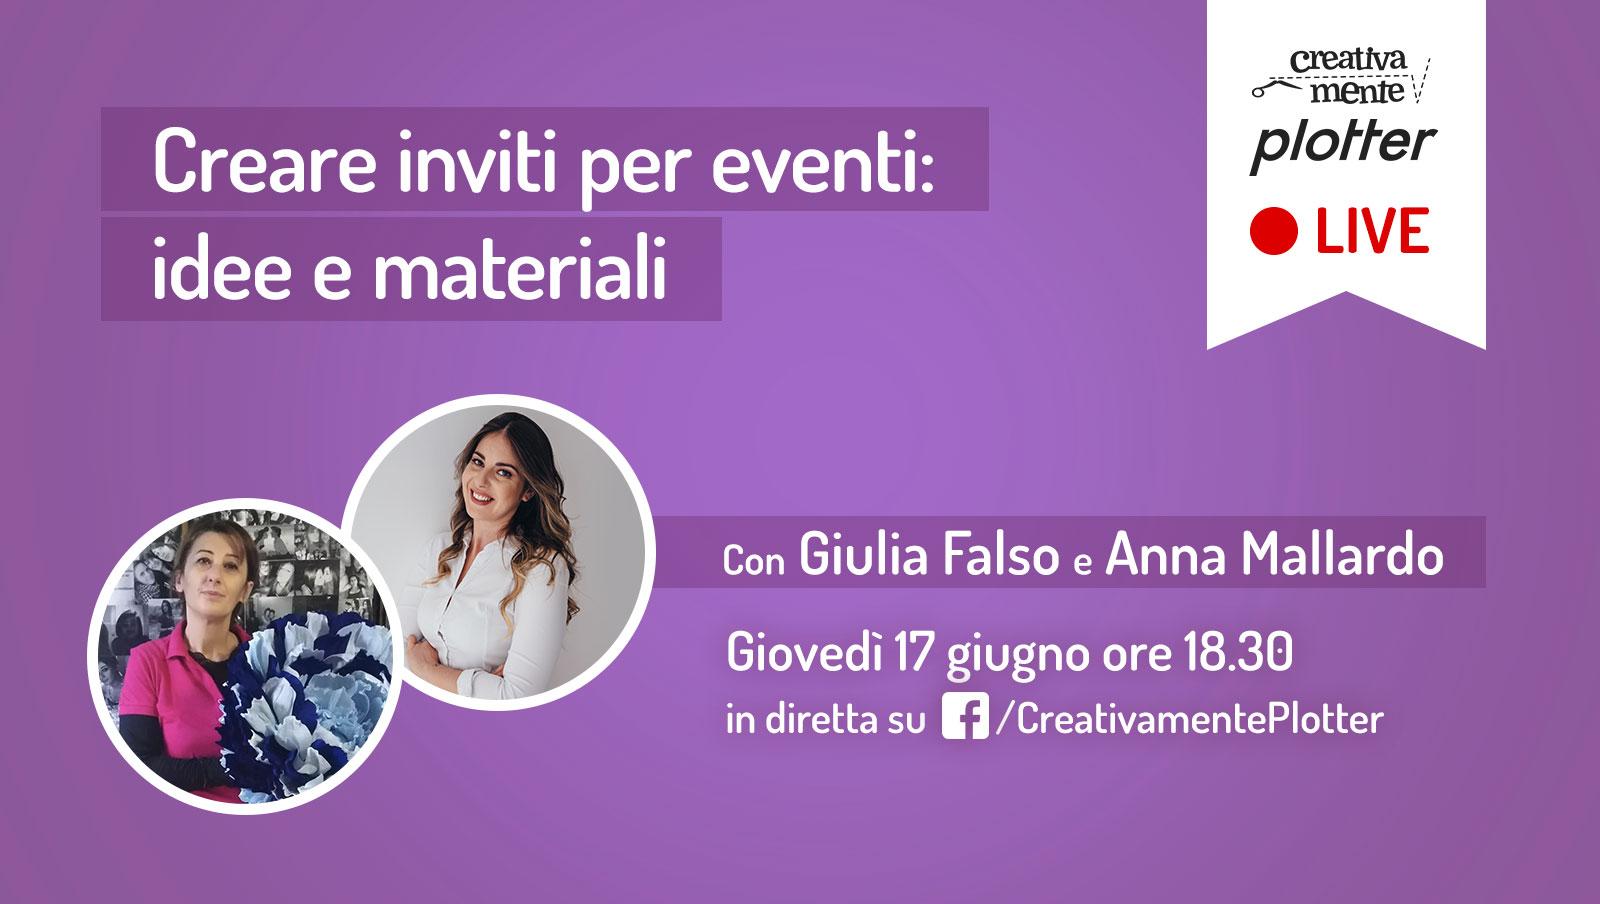 Diretta-Giulia-Anna-inviti eventi Creativamente Plotter